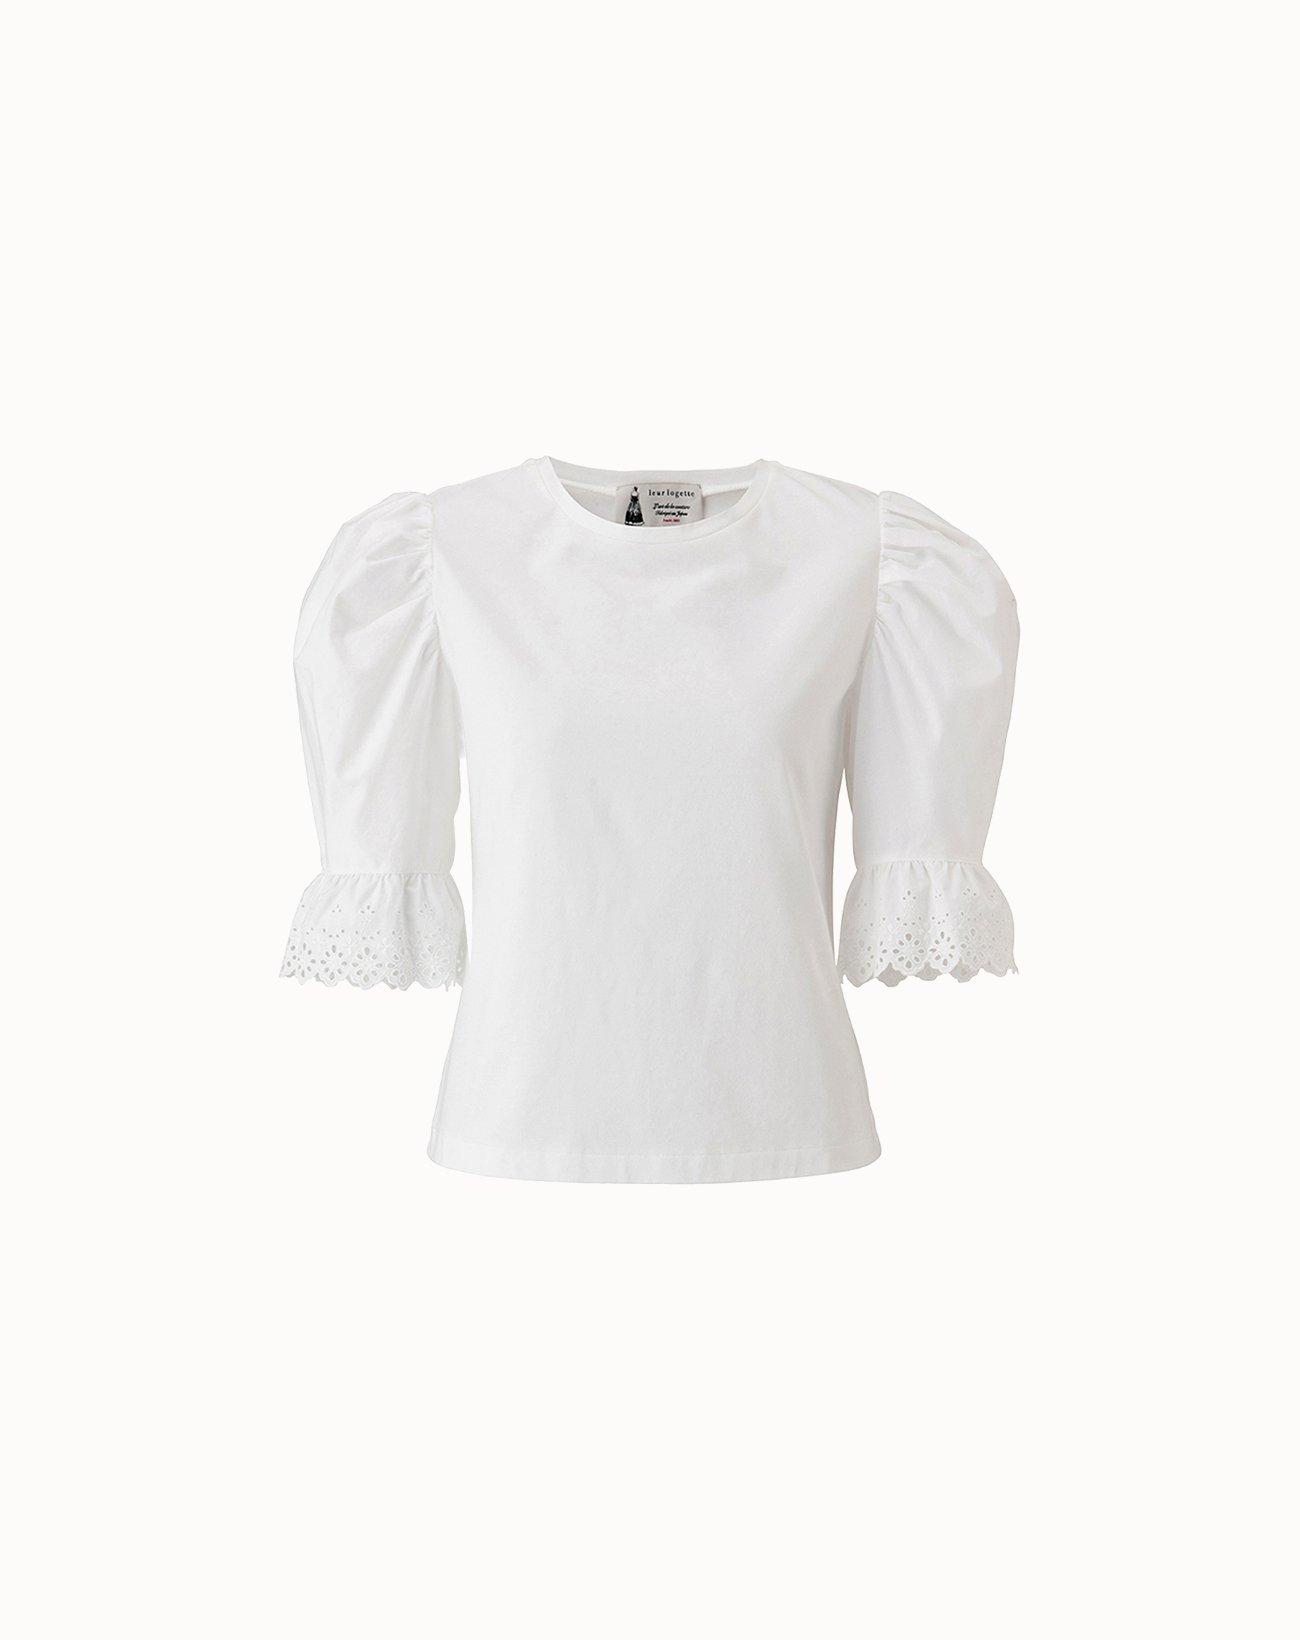 leur logette - Stretch Cotton Top - White